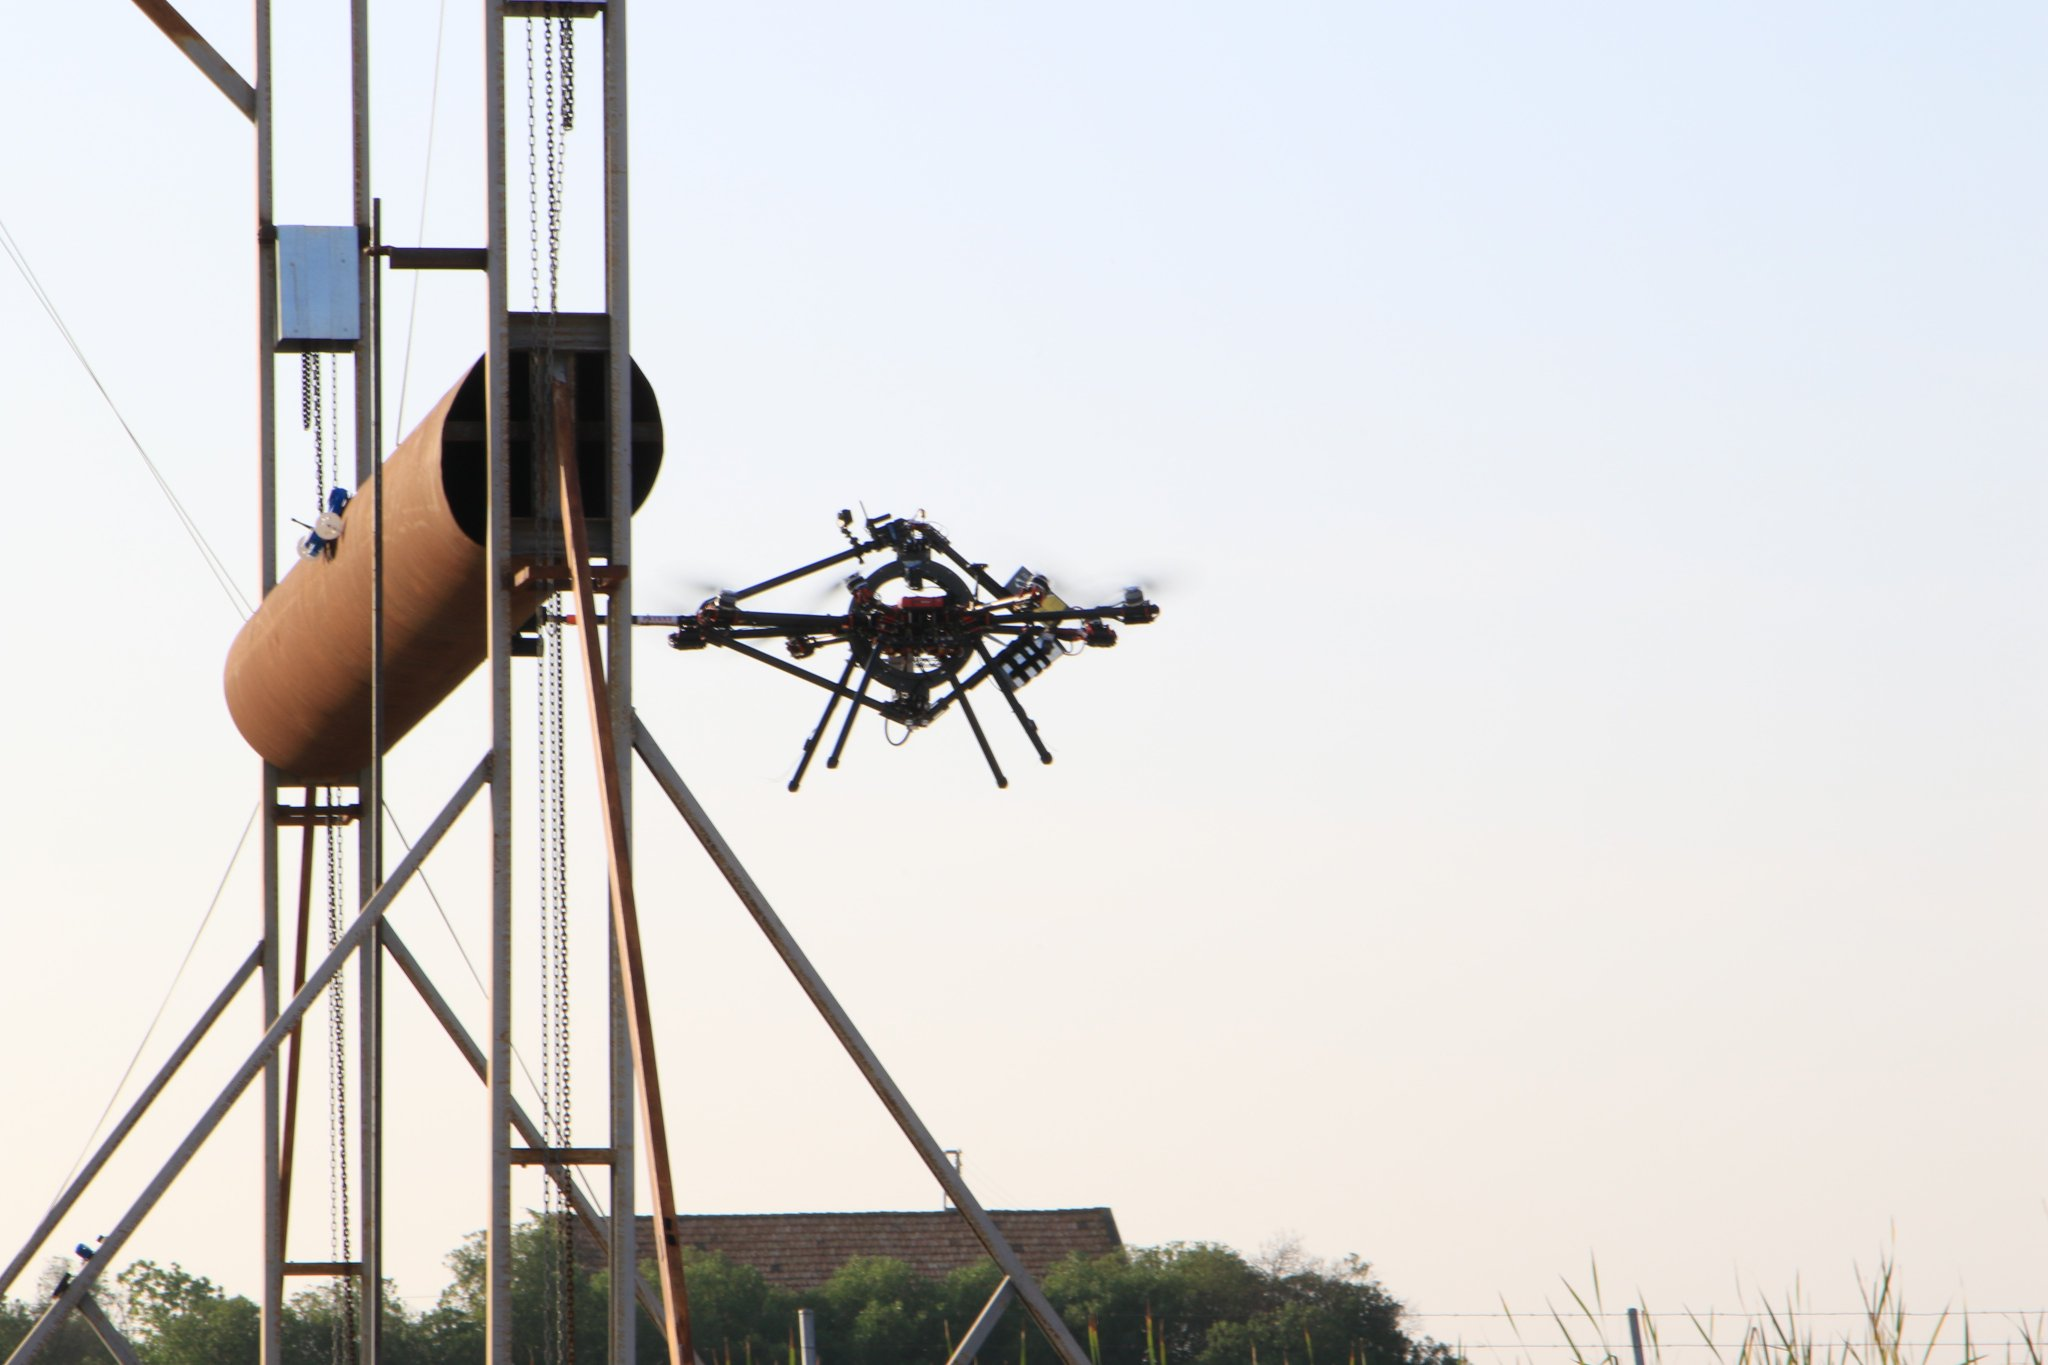 Una delegación de la Comisión Europea visita Sevilla para evaluar los avances del proyecto AEROARMS